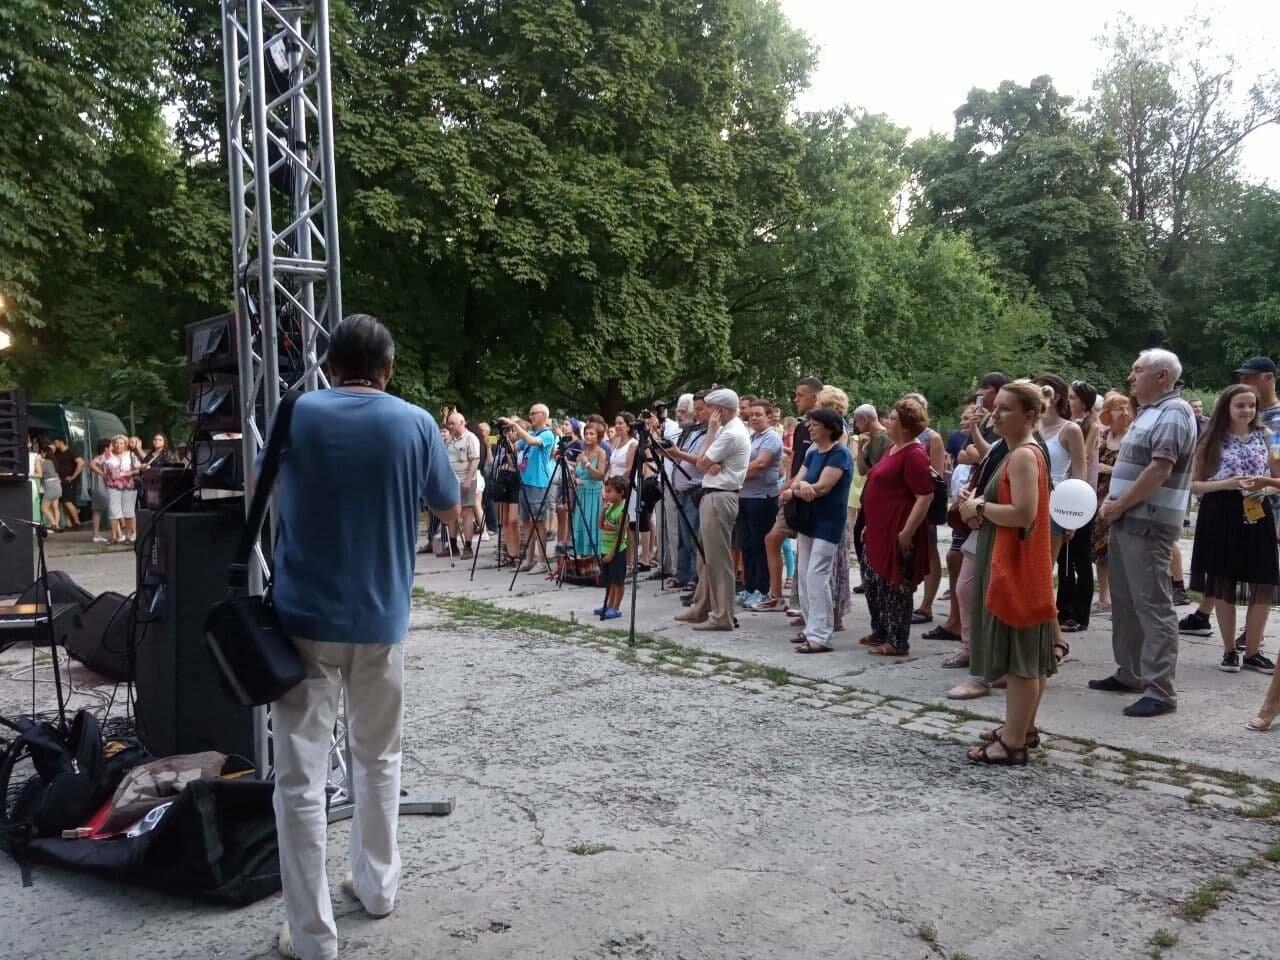 В Днепре по всей территории парка Шевченко звучит музыка нон-стоп, - ФОТО, ВИДЕО, фото-34